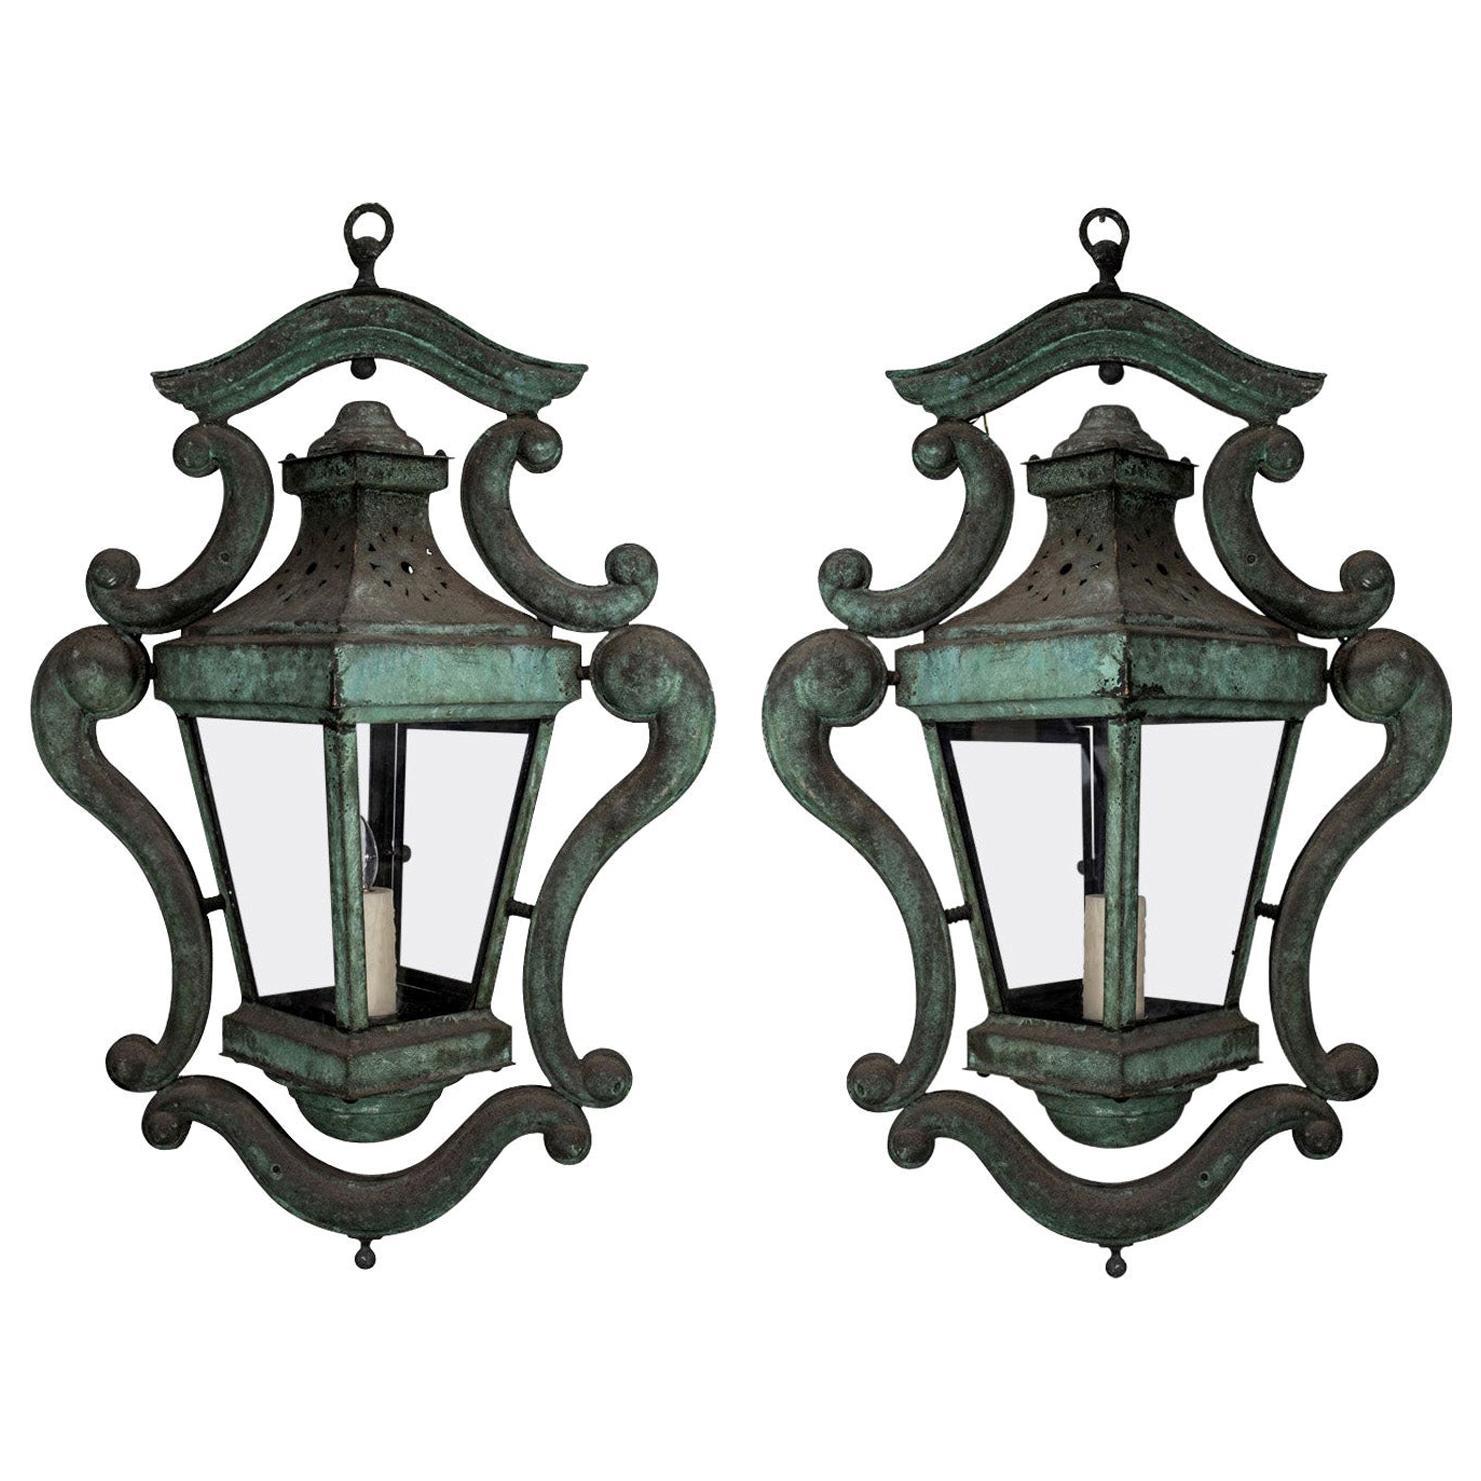 Pair of Decorative Italian Verdigris Copper Lanterns